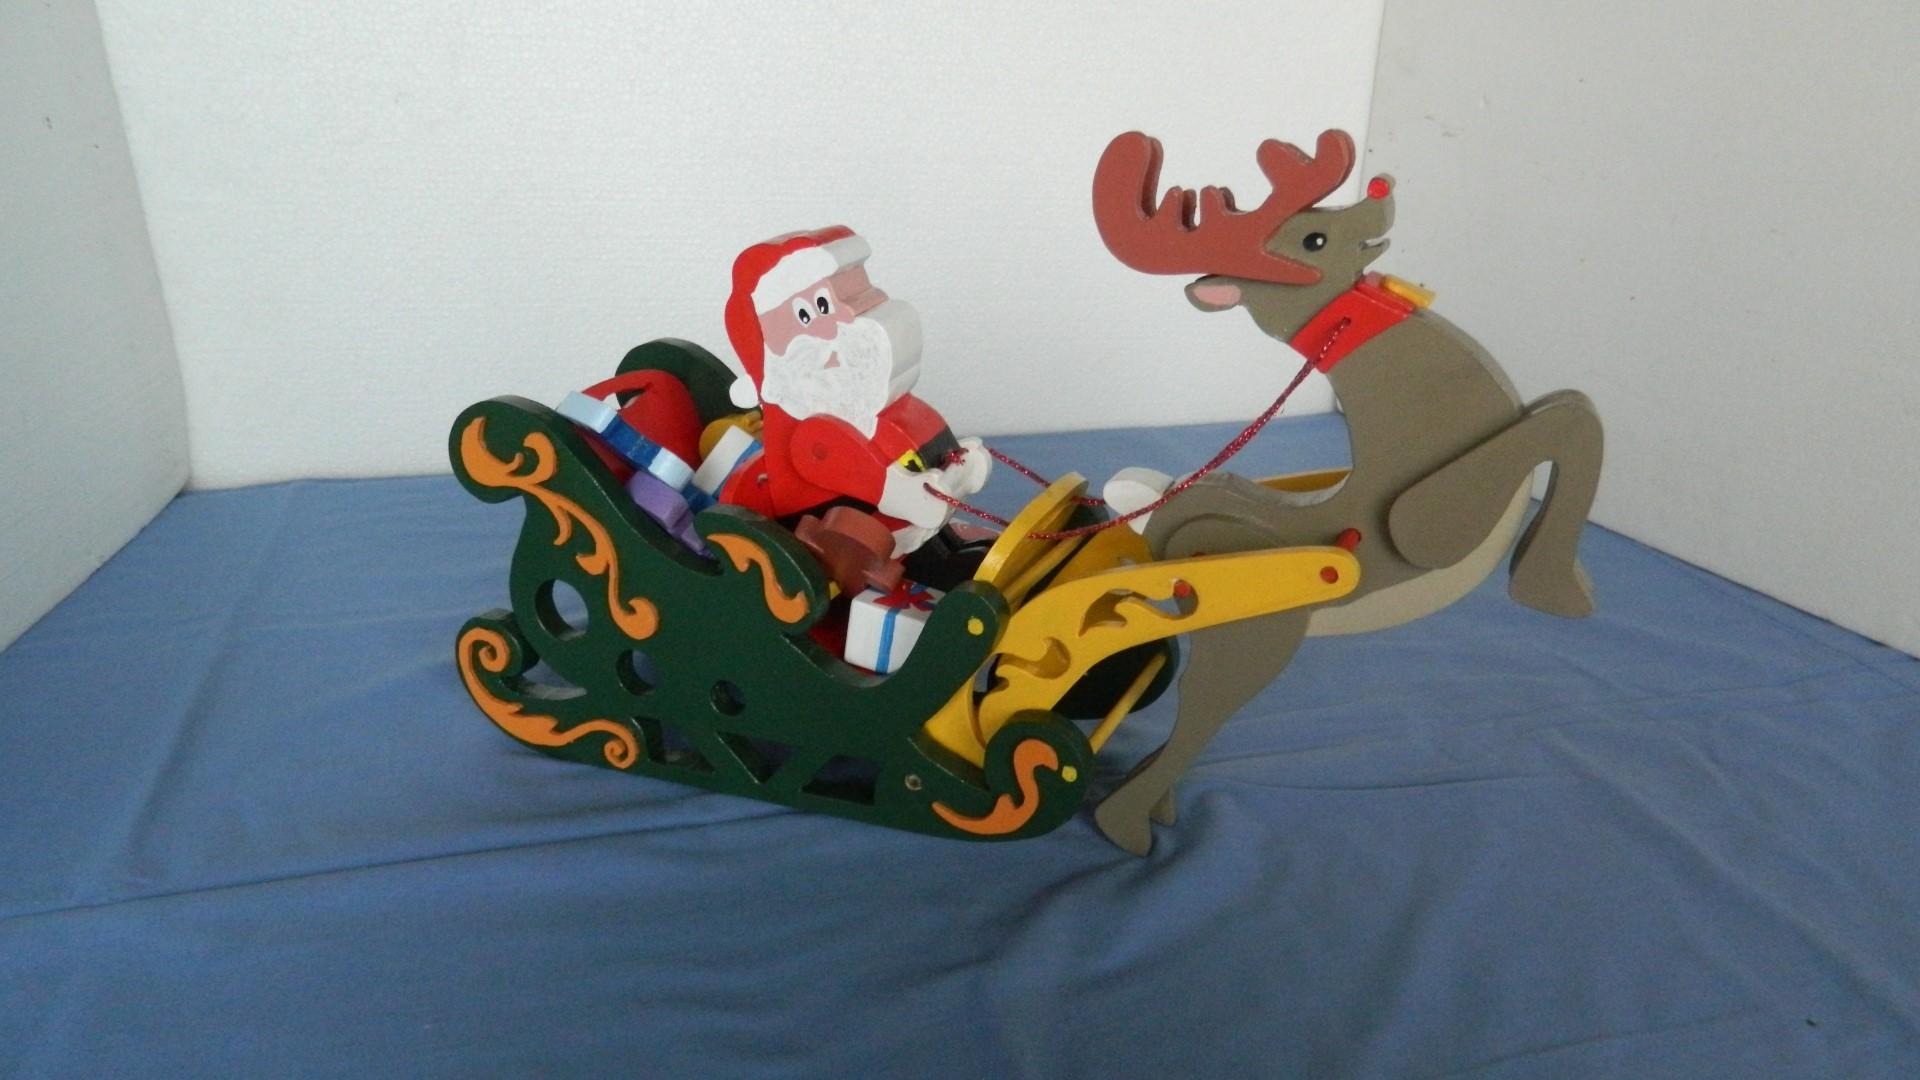 santa sleigh and reindeer5.jpg